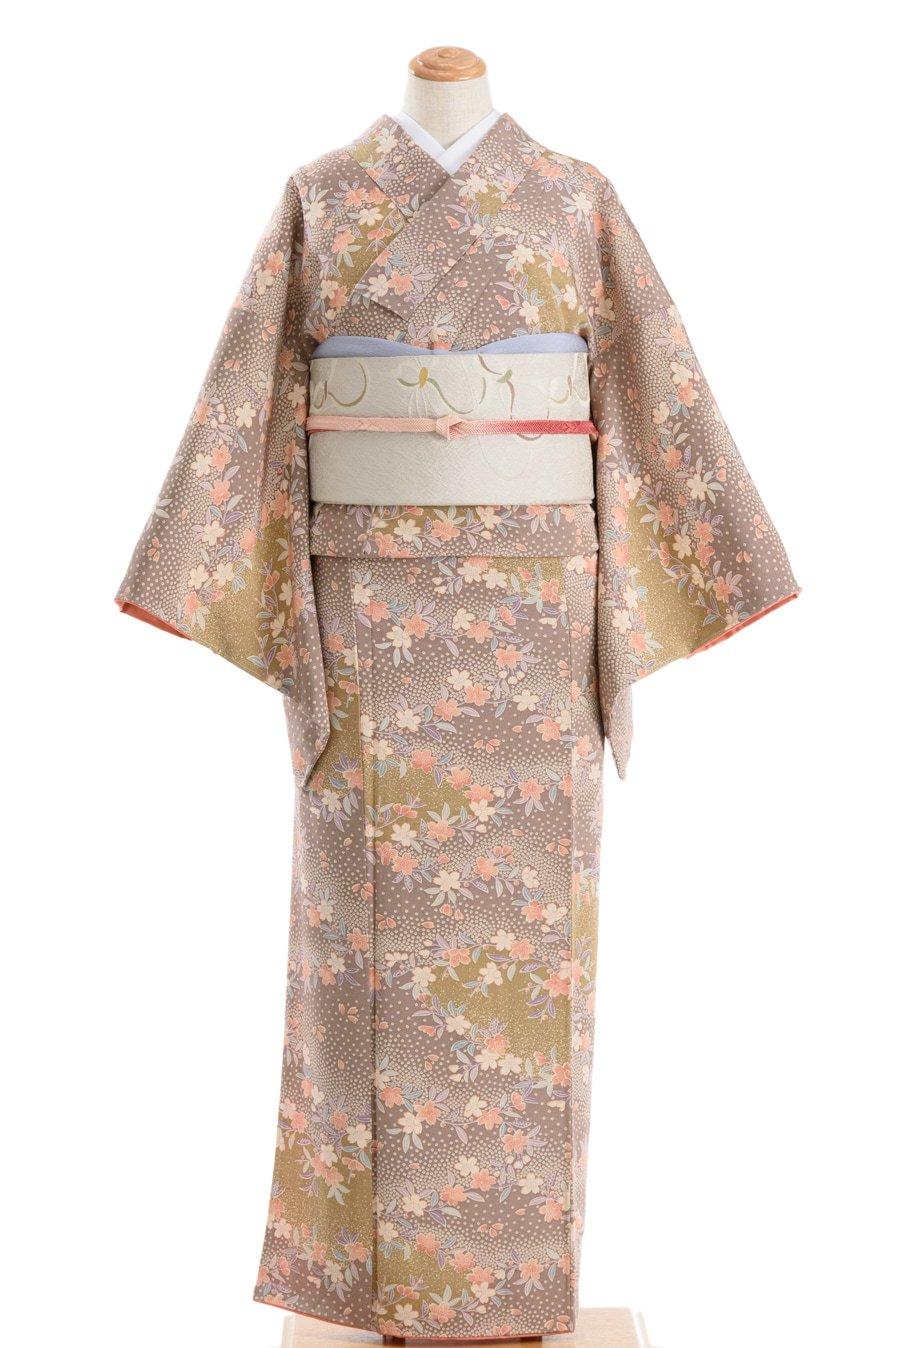 「桜と鹿の子ドット」の商品画像